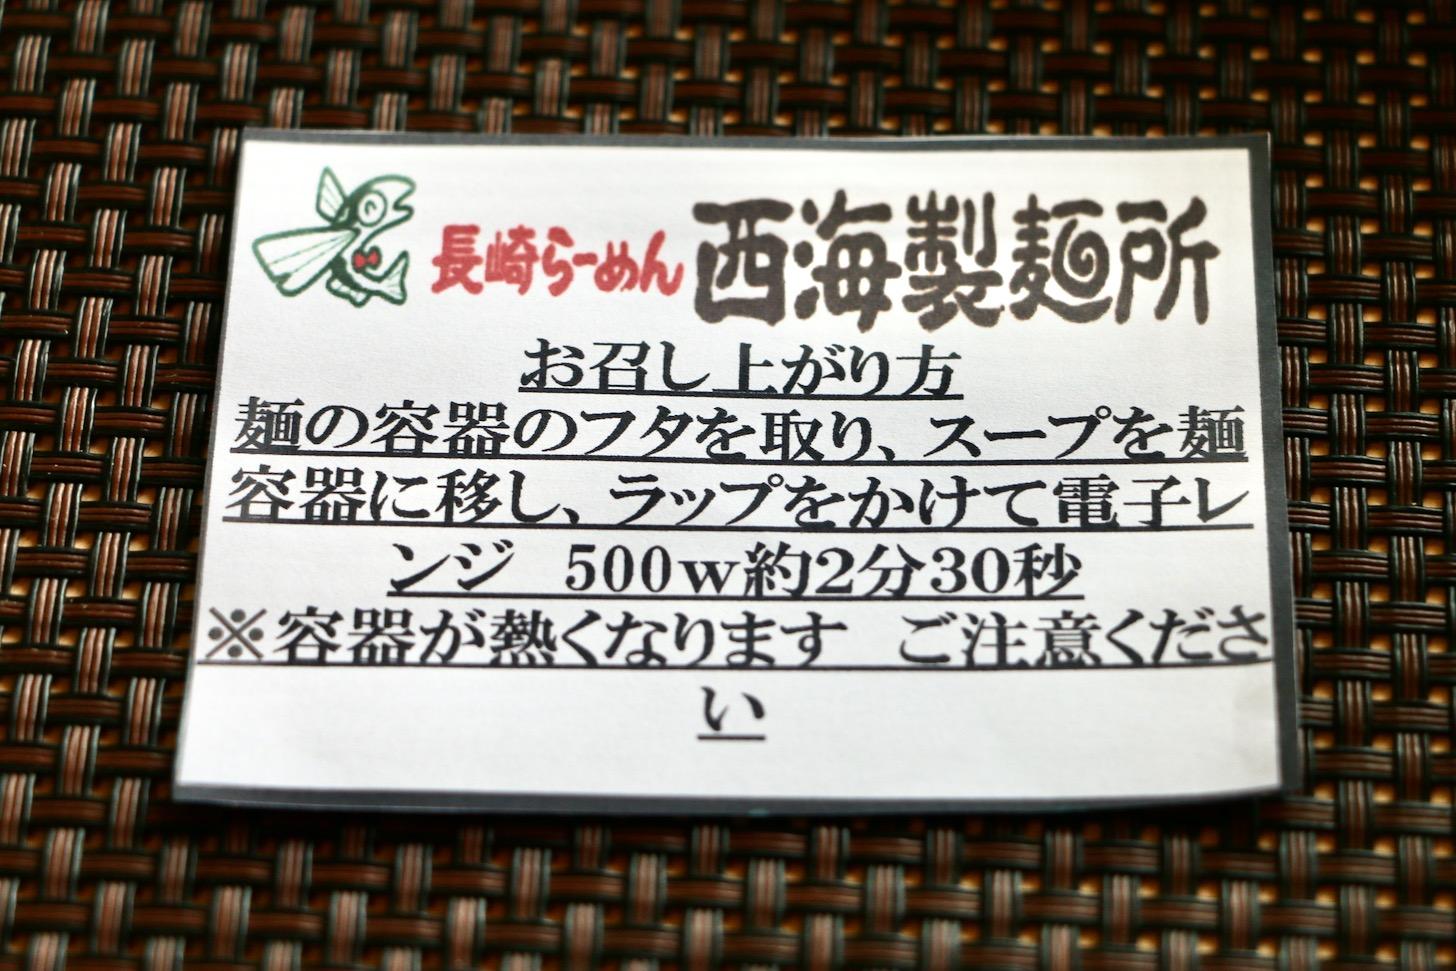 長崎らーめん西海製麺所 デリバリー仕上げメモ